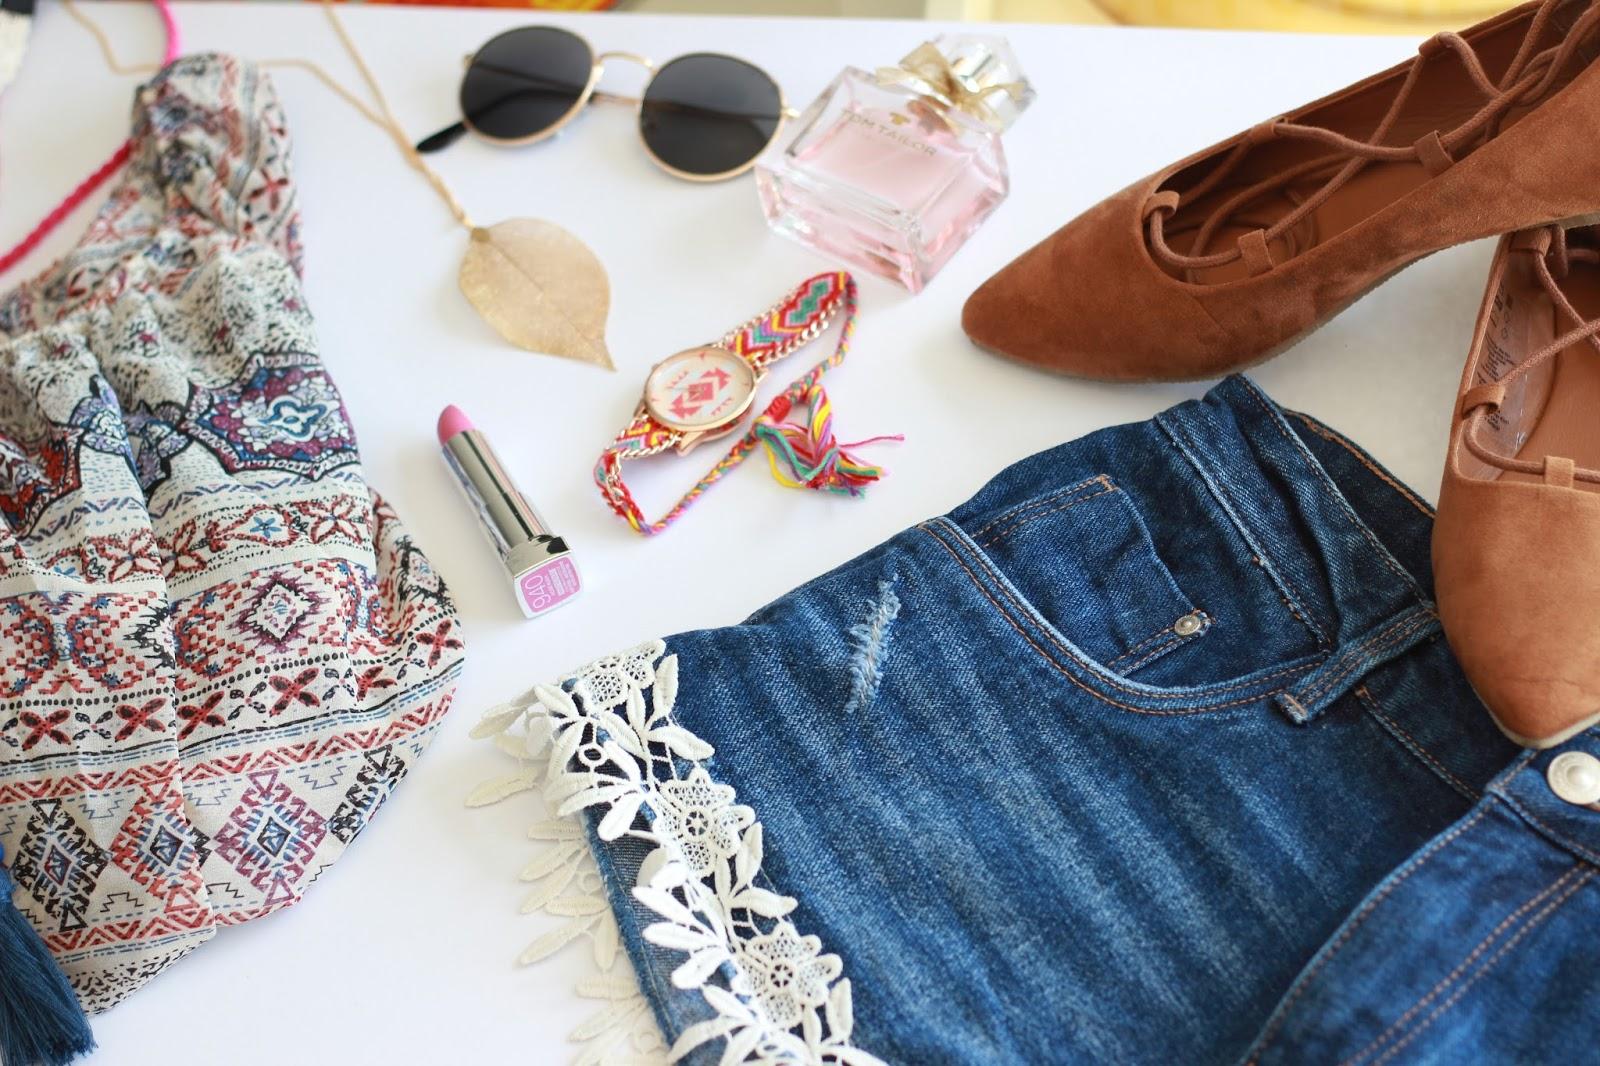 Details für den Sommer - Bluse mit Blumenprint - Blumenprint Bluse - My Colloseum - Fashionstylebyjohanna